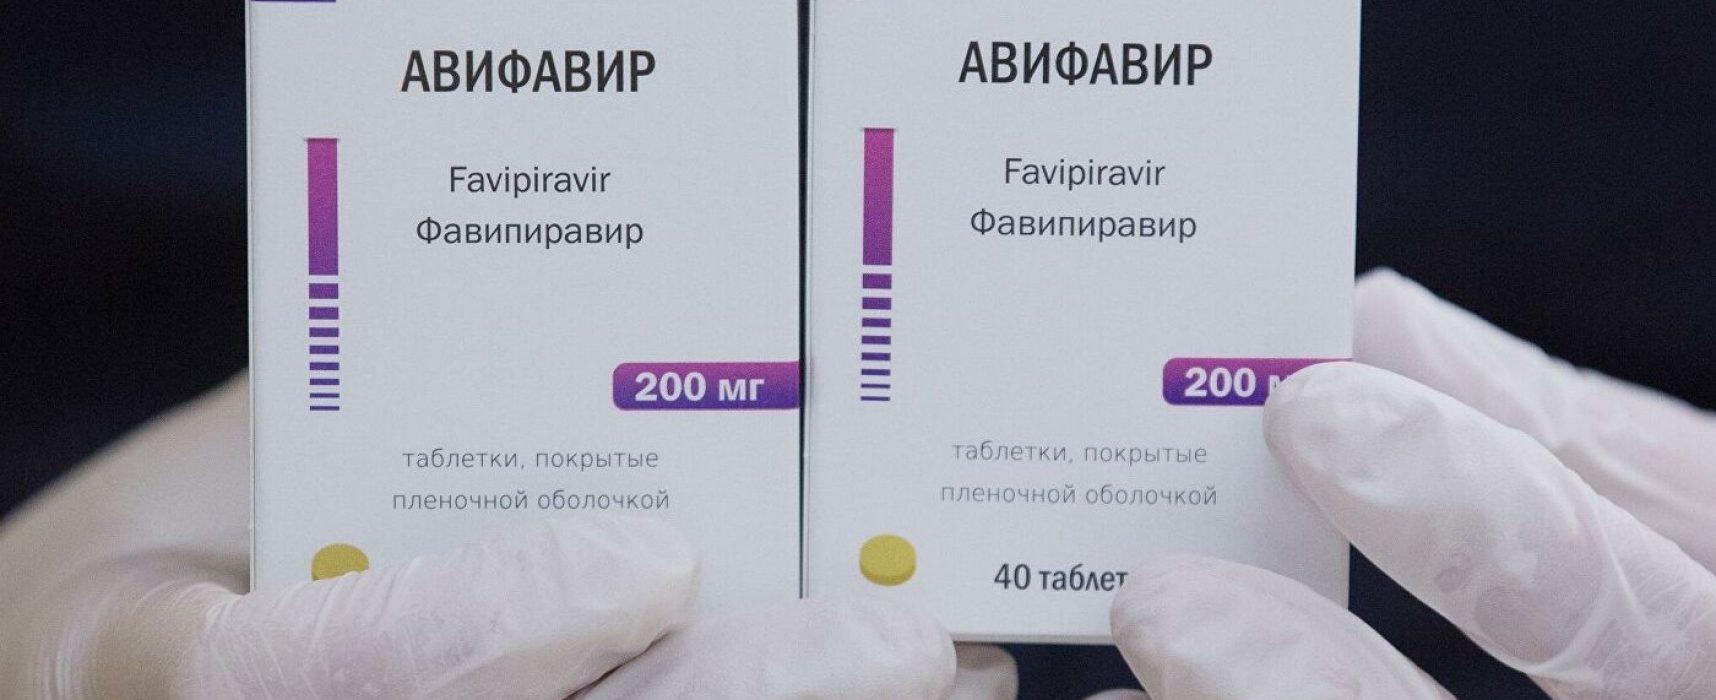 Киселев назвал российское лекарство против COVID-19 революцией в медицине. Но это лишь дженерик японского препарата